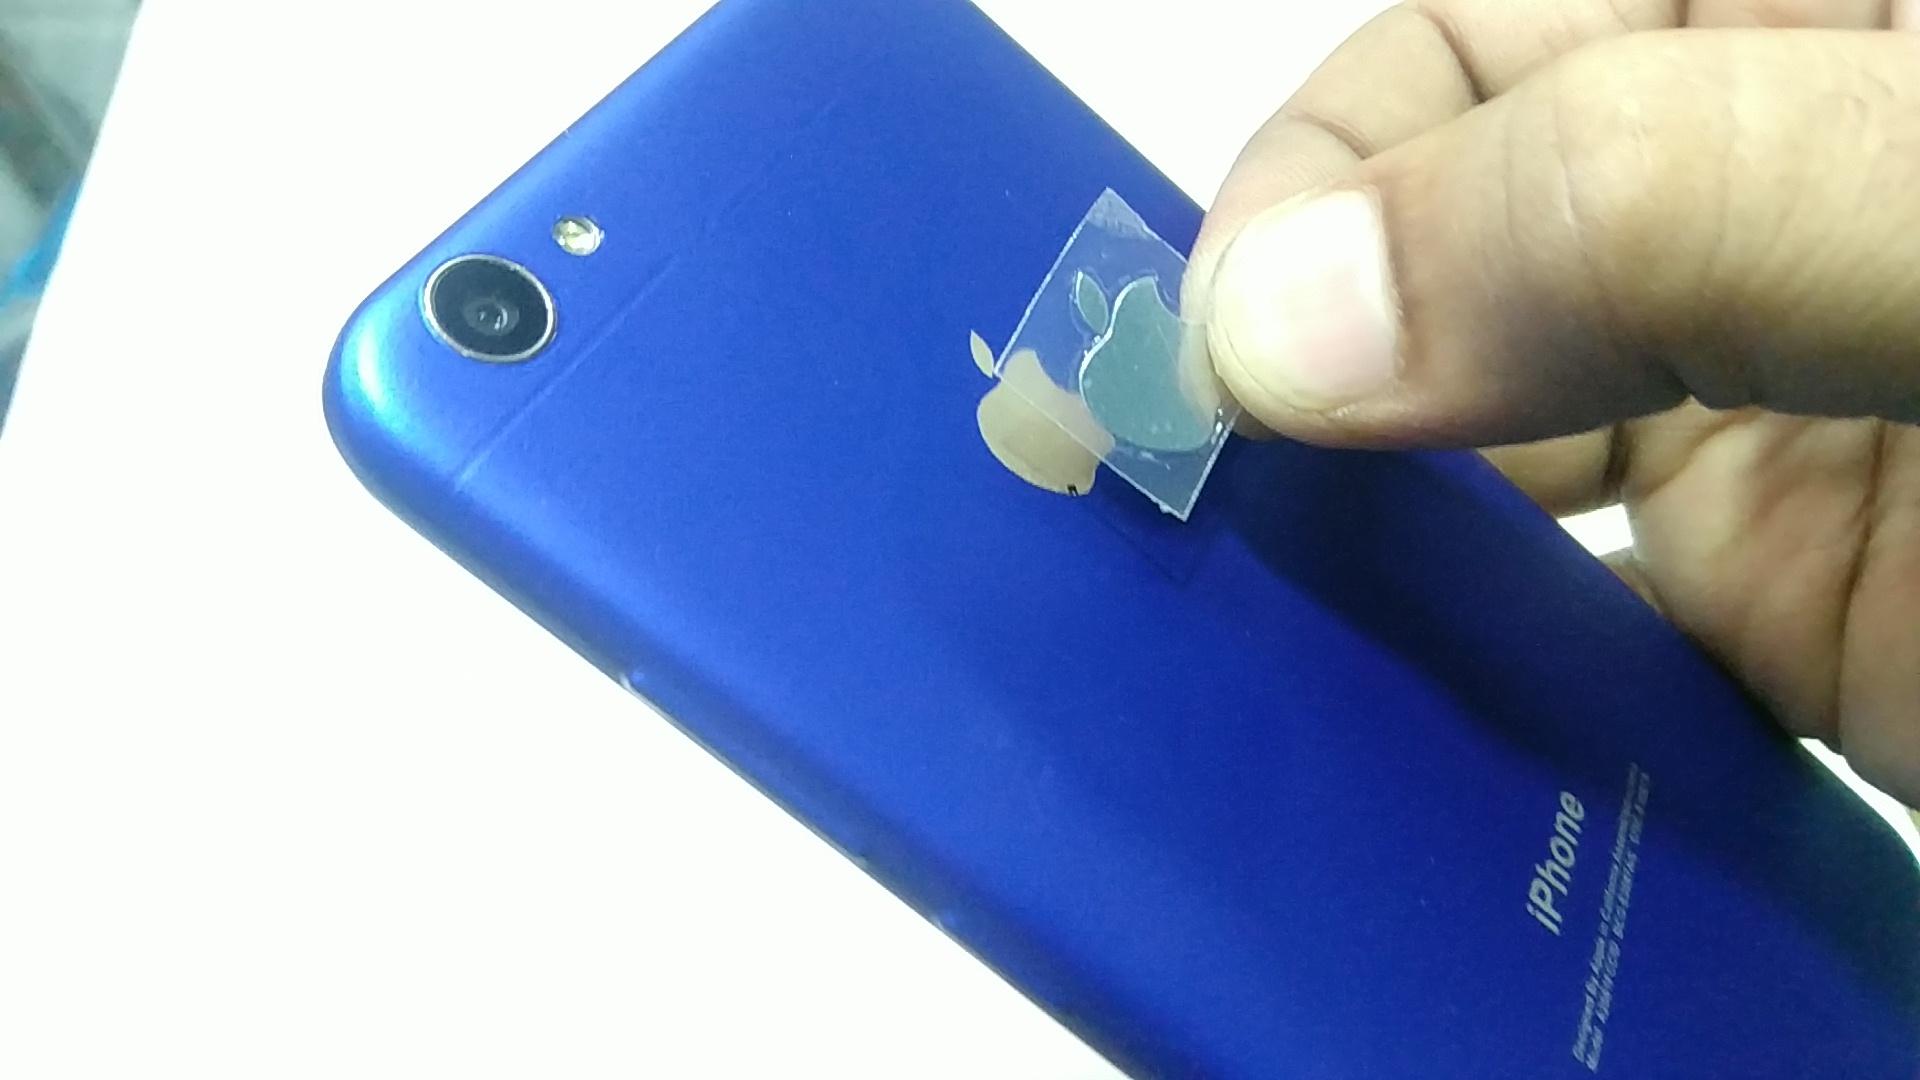 Metallic Matte Blue iPhone Lamination